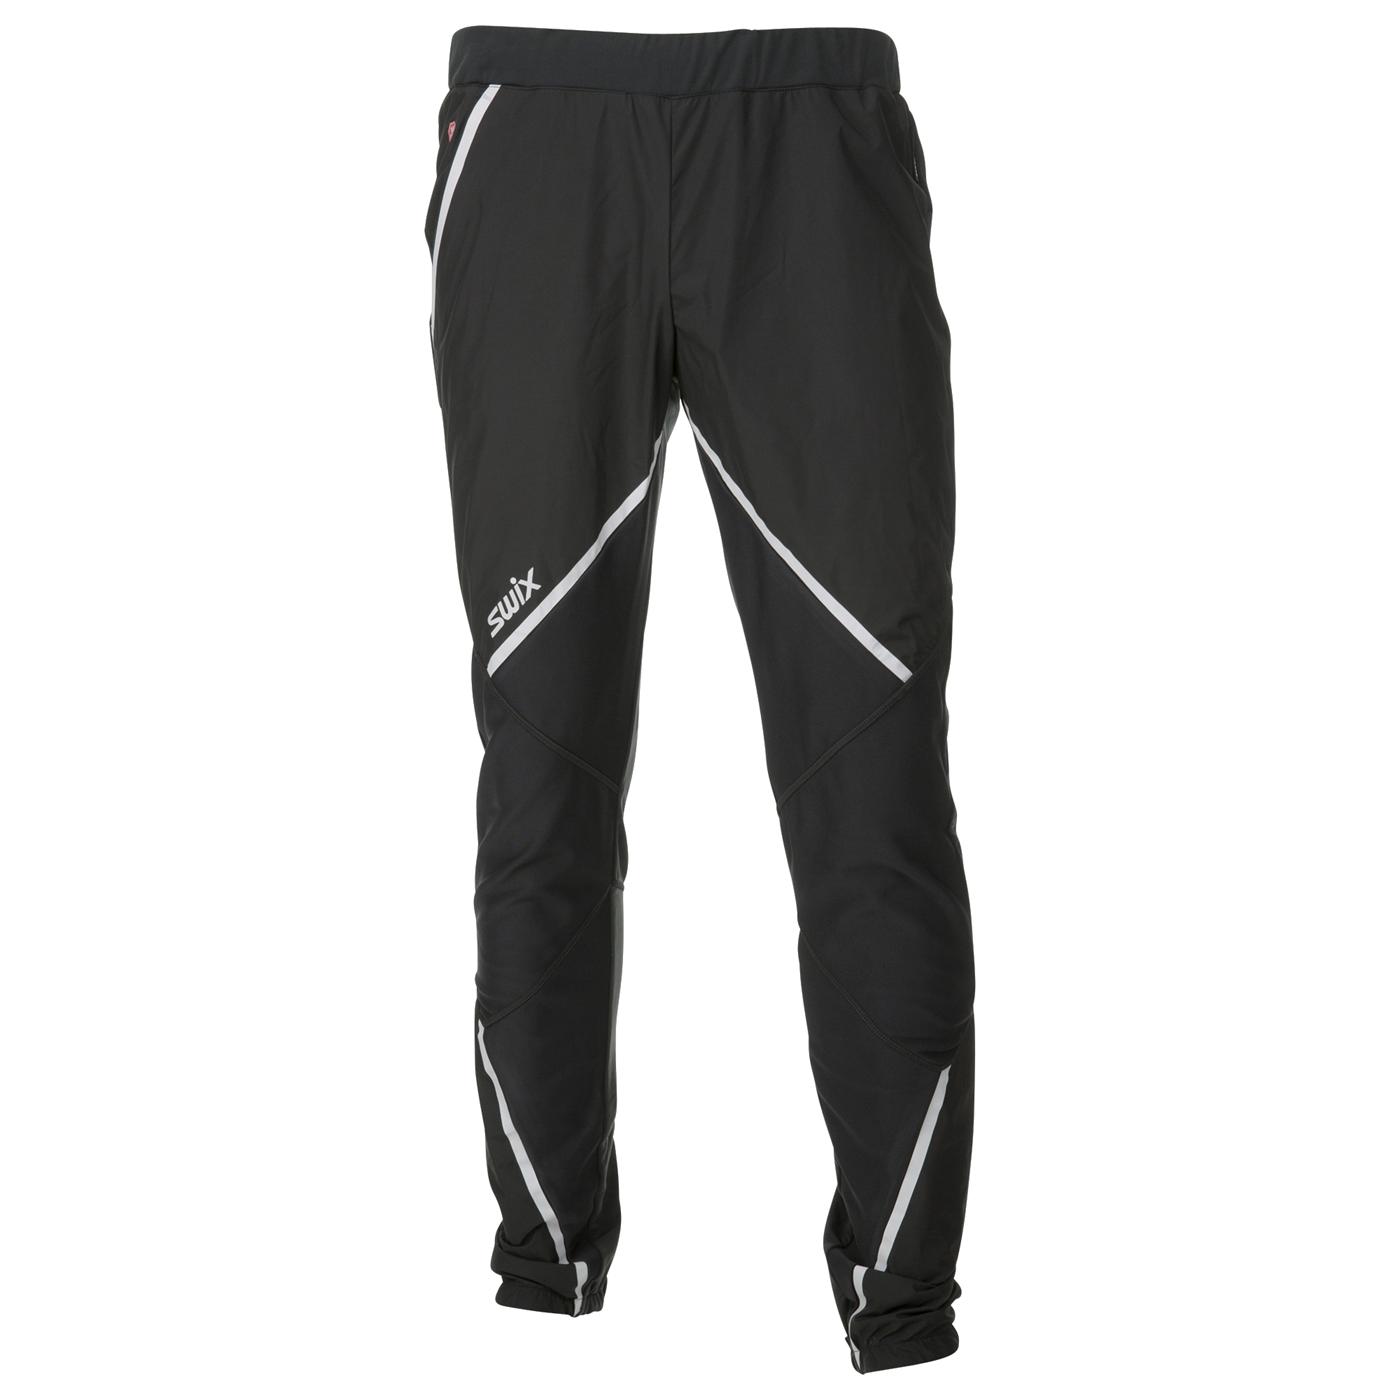 Swix Elite bukse dame